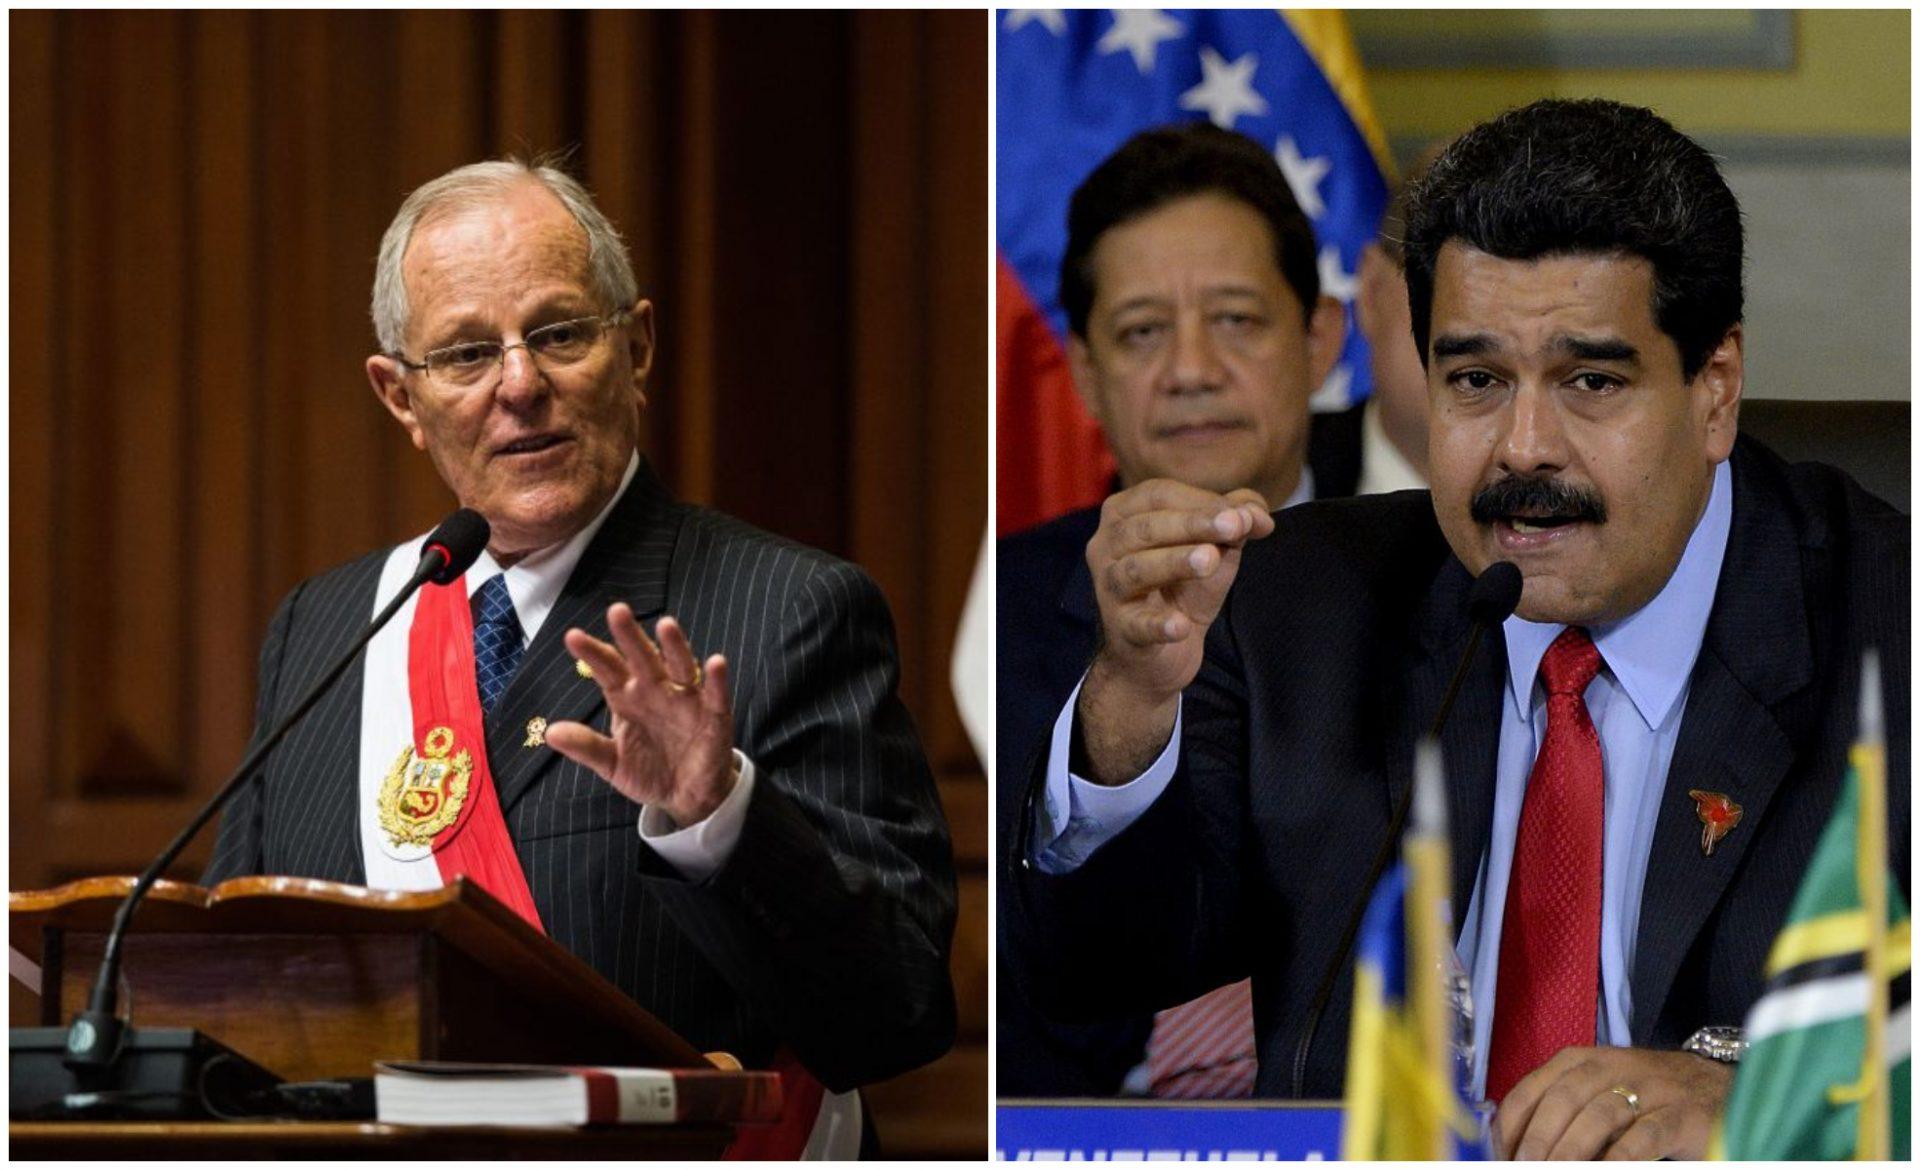 Estados Unidos apoyó la decisión de Perú de retirar invitación a Maduro en la Cumbre de las Américas